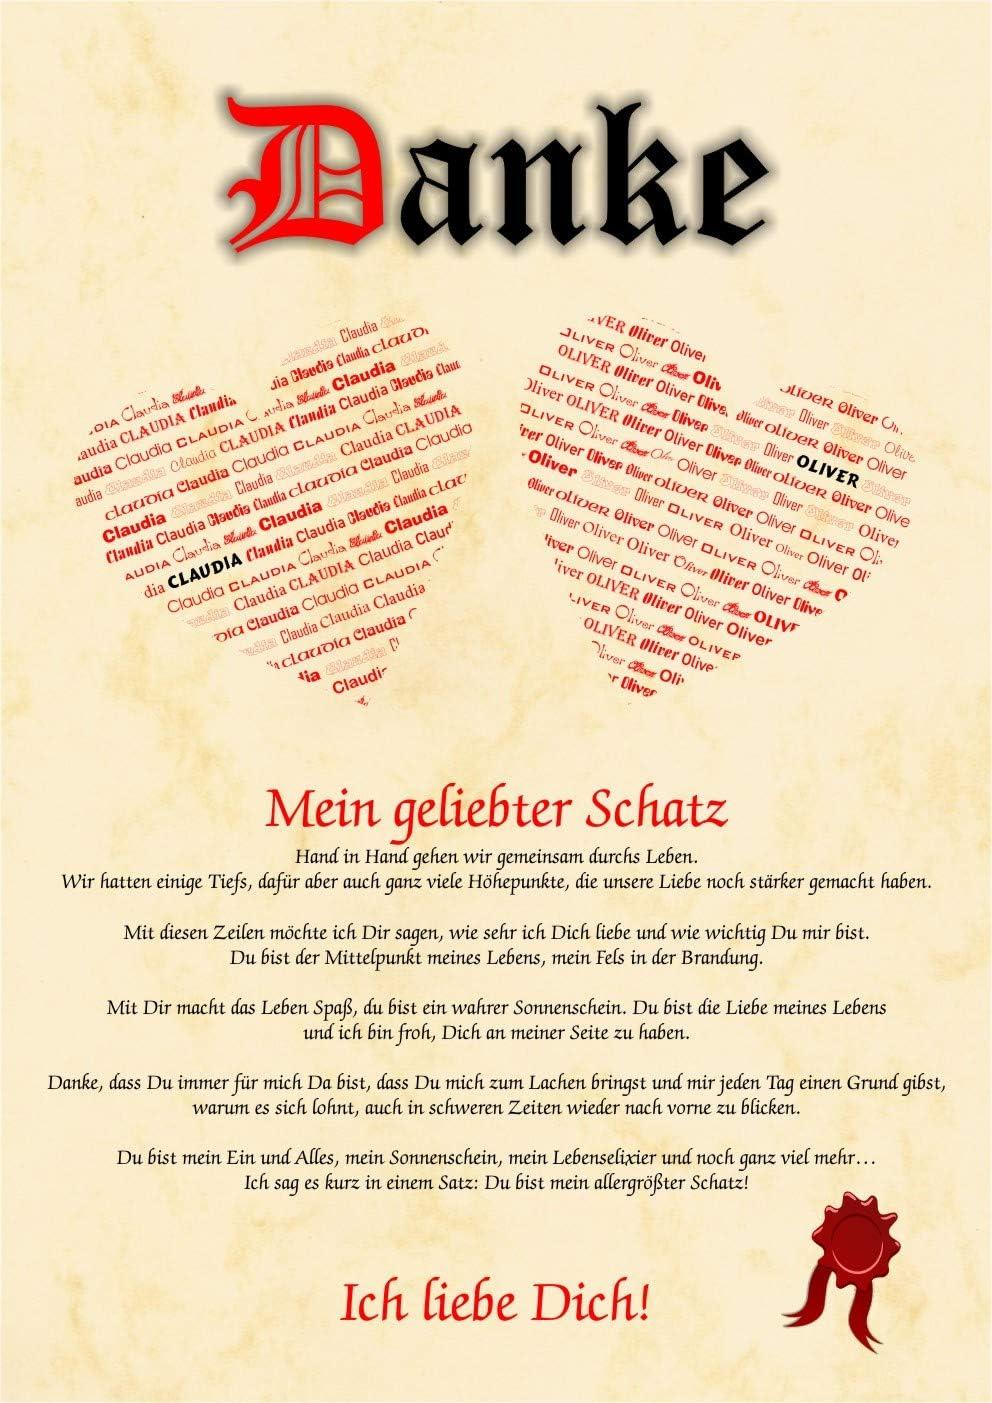 Liebeserklarung Geschenkidee Valentinstag Mann Frau Bild